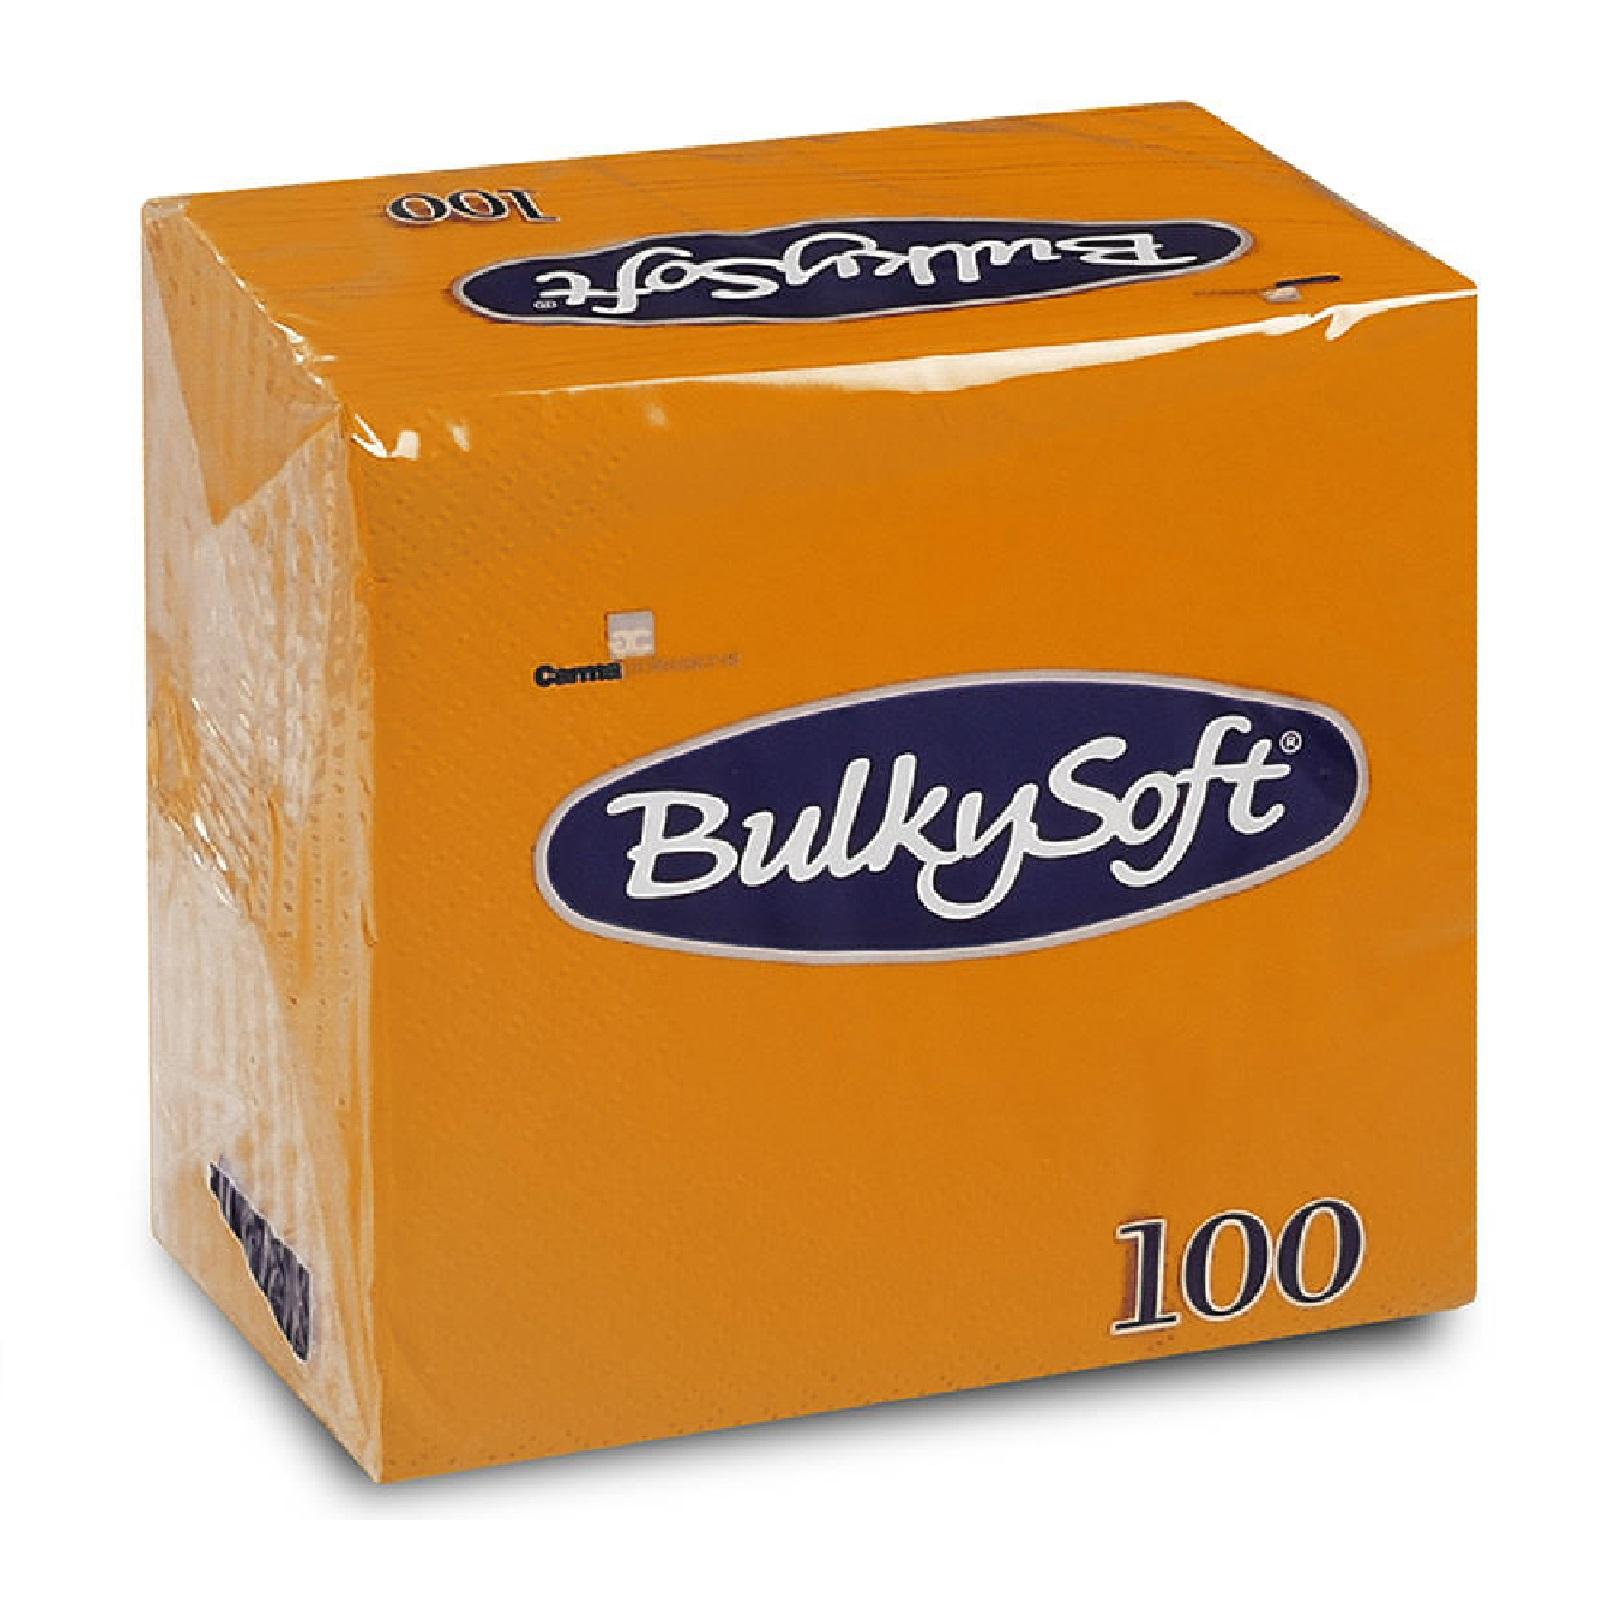 BulkySoft Servietten 1/4 Falz, orange 2-lg, Zell. 24 x 24 cm, 100 Stk.